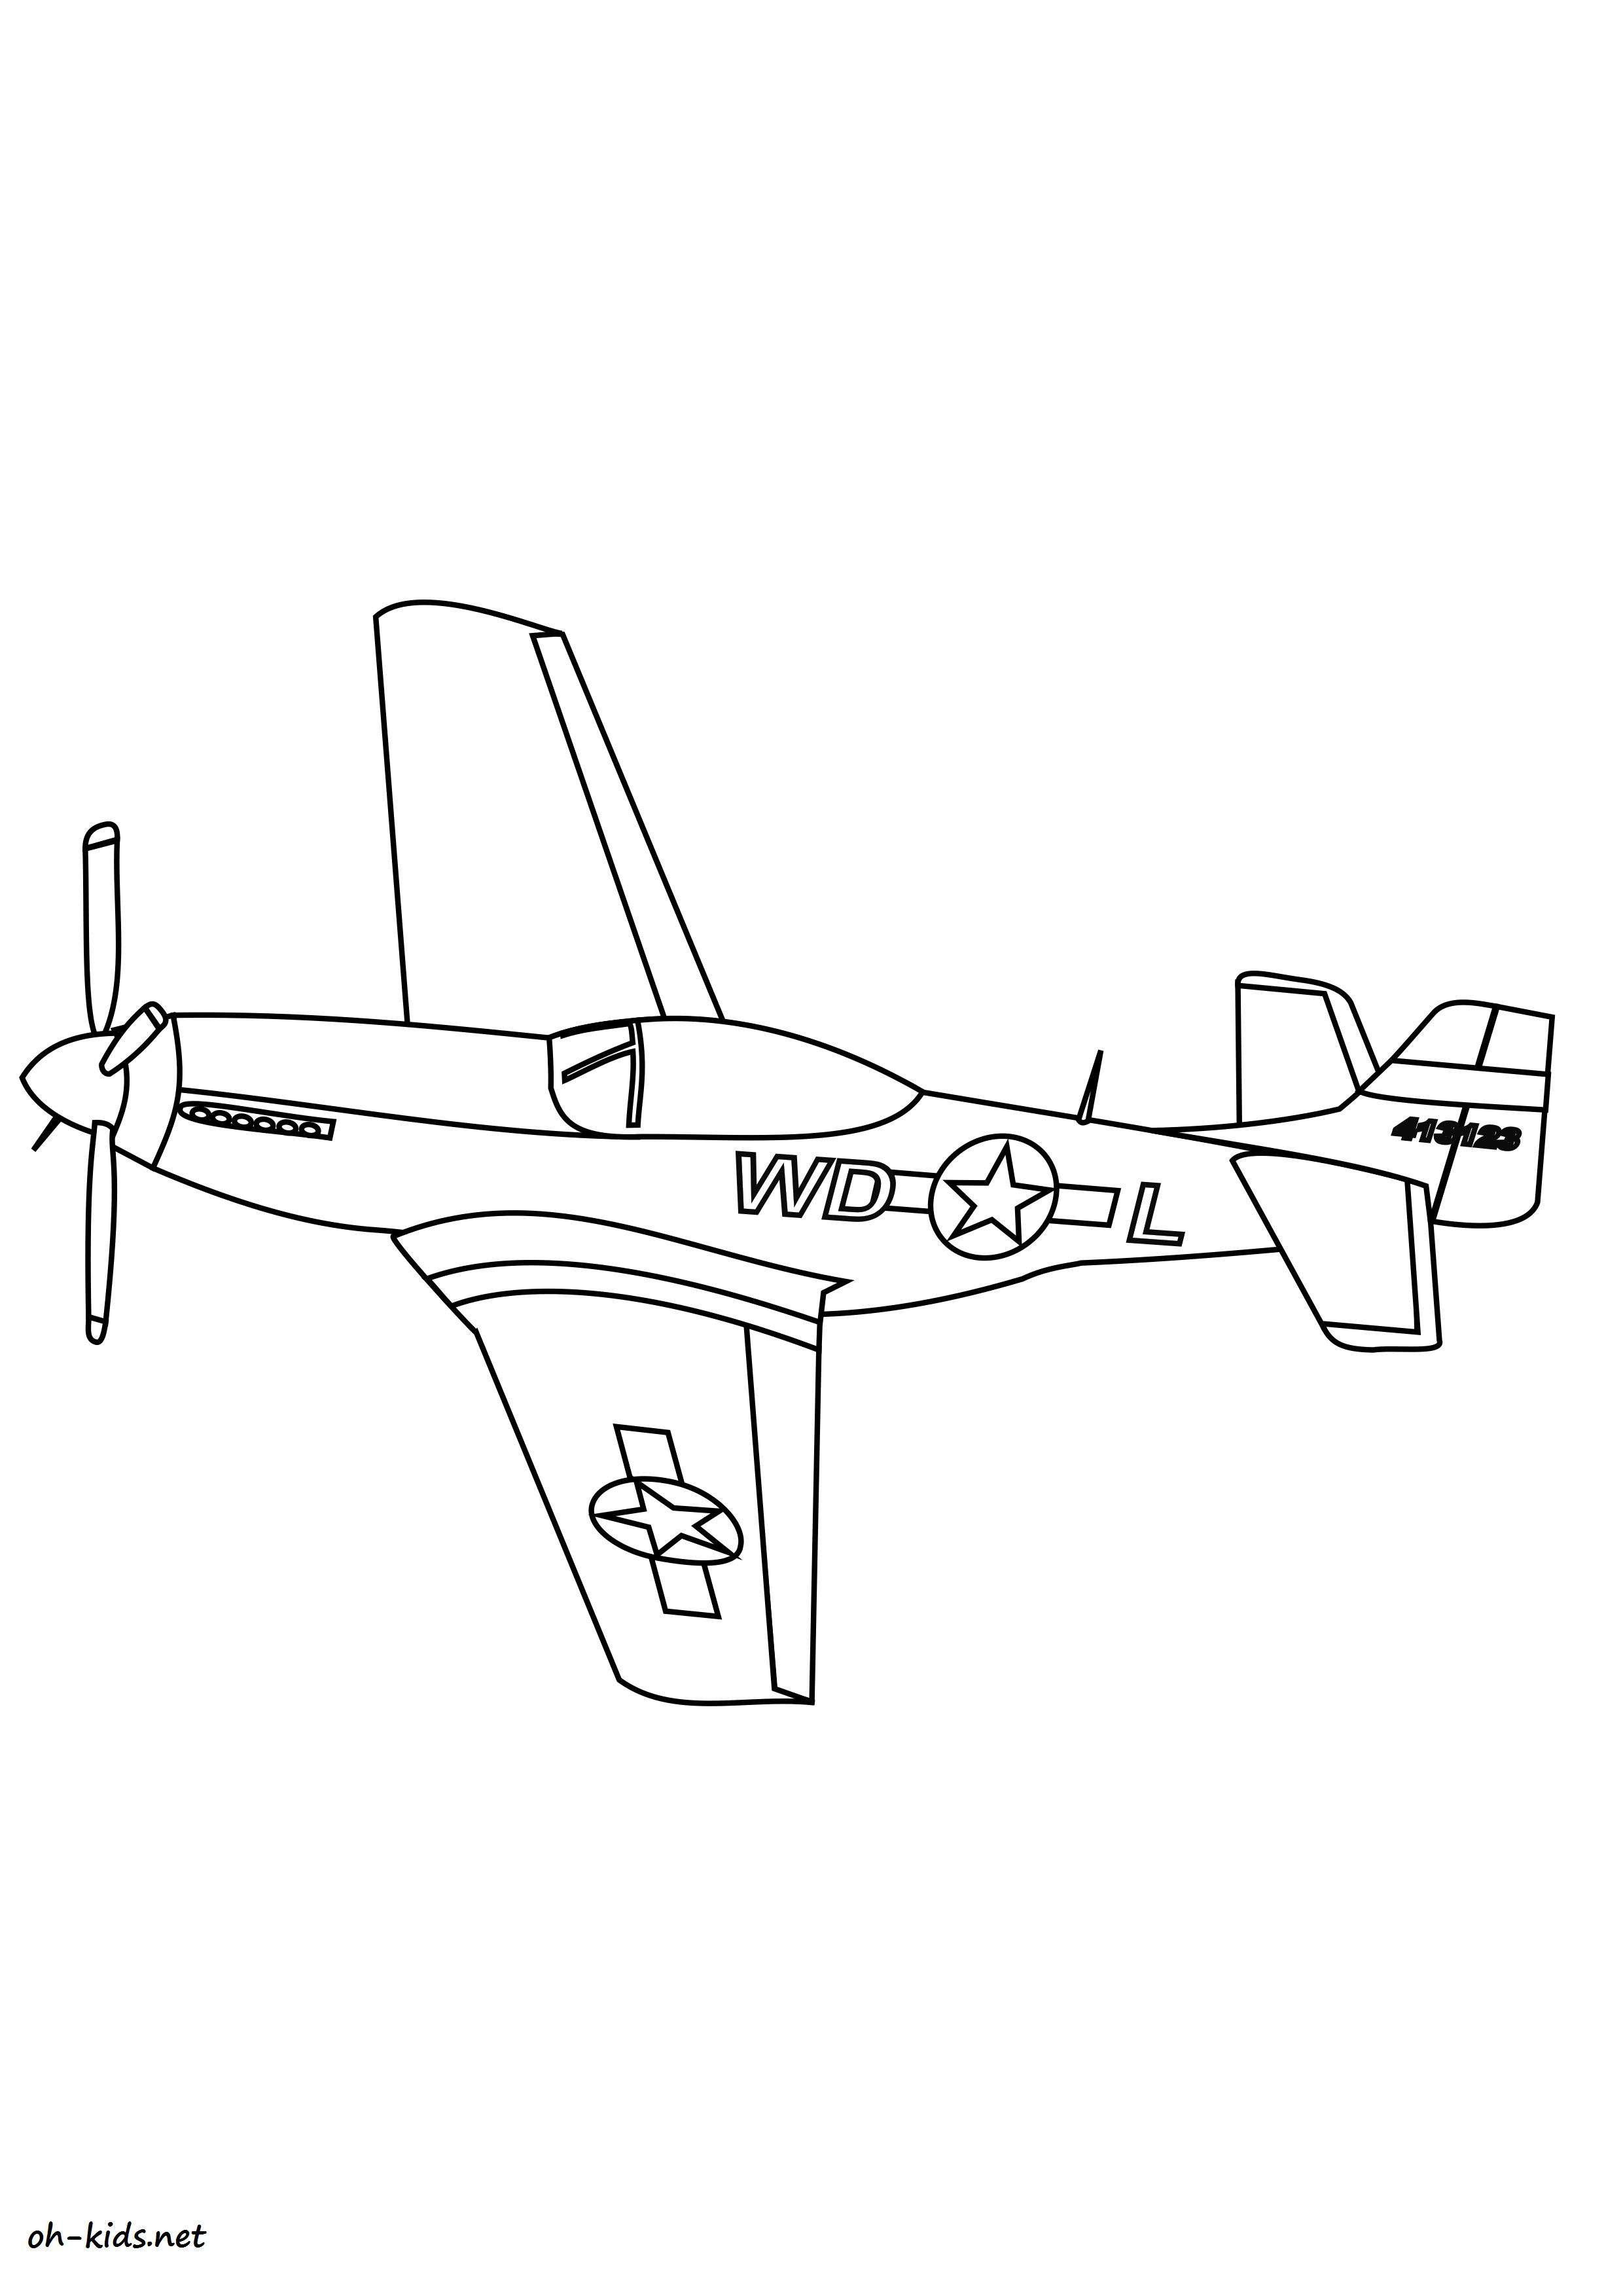 Dessin 1442 Coloriage Avion De Chasse A Imprimer Oh Kids Net